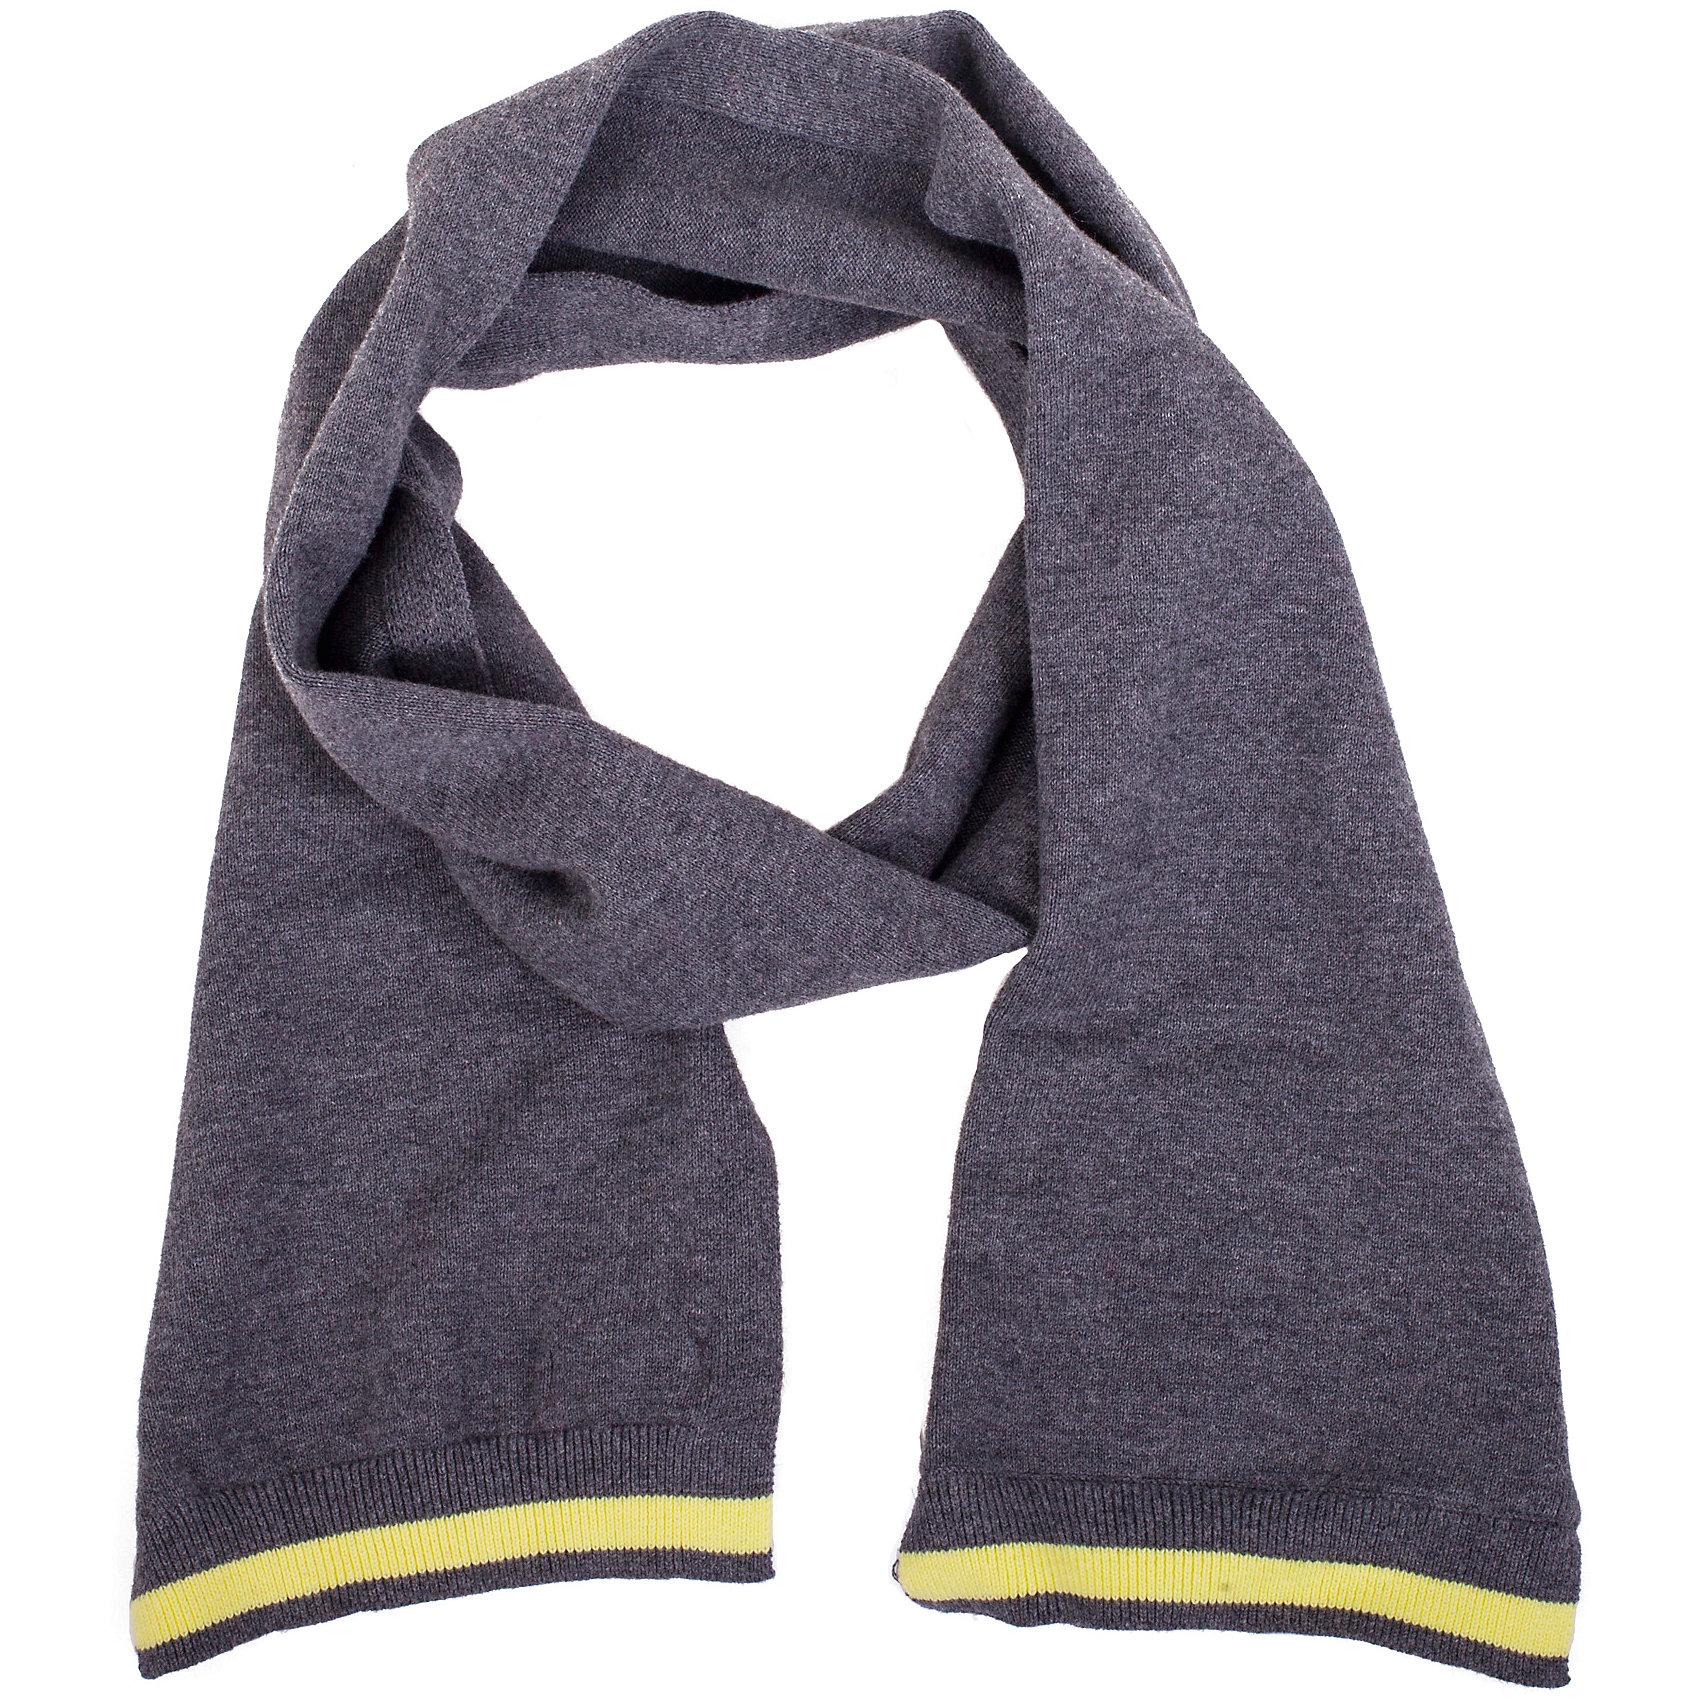 Шарф для мальчика GulliverКлассный вязаный шарф - важный элемент повседневного образа. Он защитит юного модника от весенней прохлады, а также придаст образу элегантную небрежность. Вы решили купить стильный шарф для мальчика? Синий меланжевый шарф из коллекции Сардиния - прекрасный выбор!<br>Состав:<br>100% хлопок<br><br>Ширина мм: 88<br>Глубина мм: 155<br>Высота мм: 26<br>Вес г: 106<br>Цвет: синий<br>Возраст от месяцев: 84<br>Возраст до месяцев: 120<br>Пол: Мужской<br>Возраст: Детский<br>Размер: one size<br>SKU: 5482991